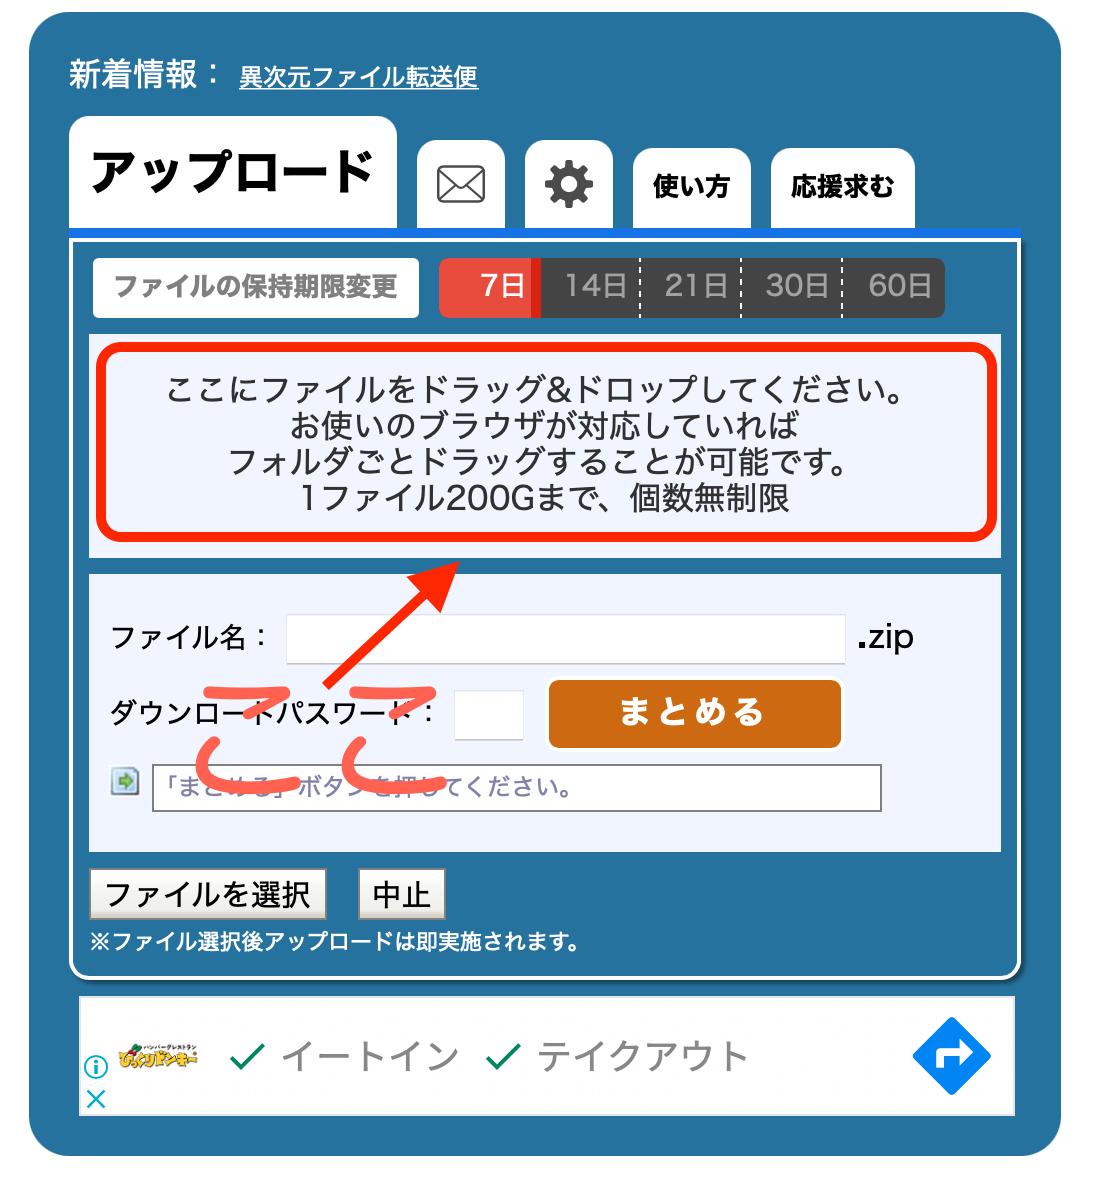 f:id:tatsushi_miyake:20210927101637p:plain